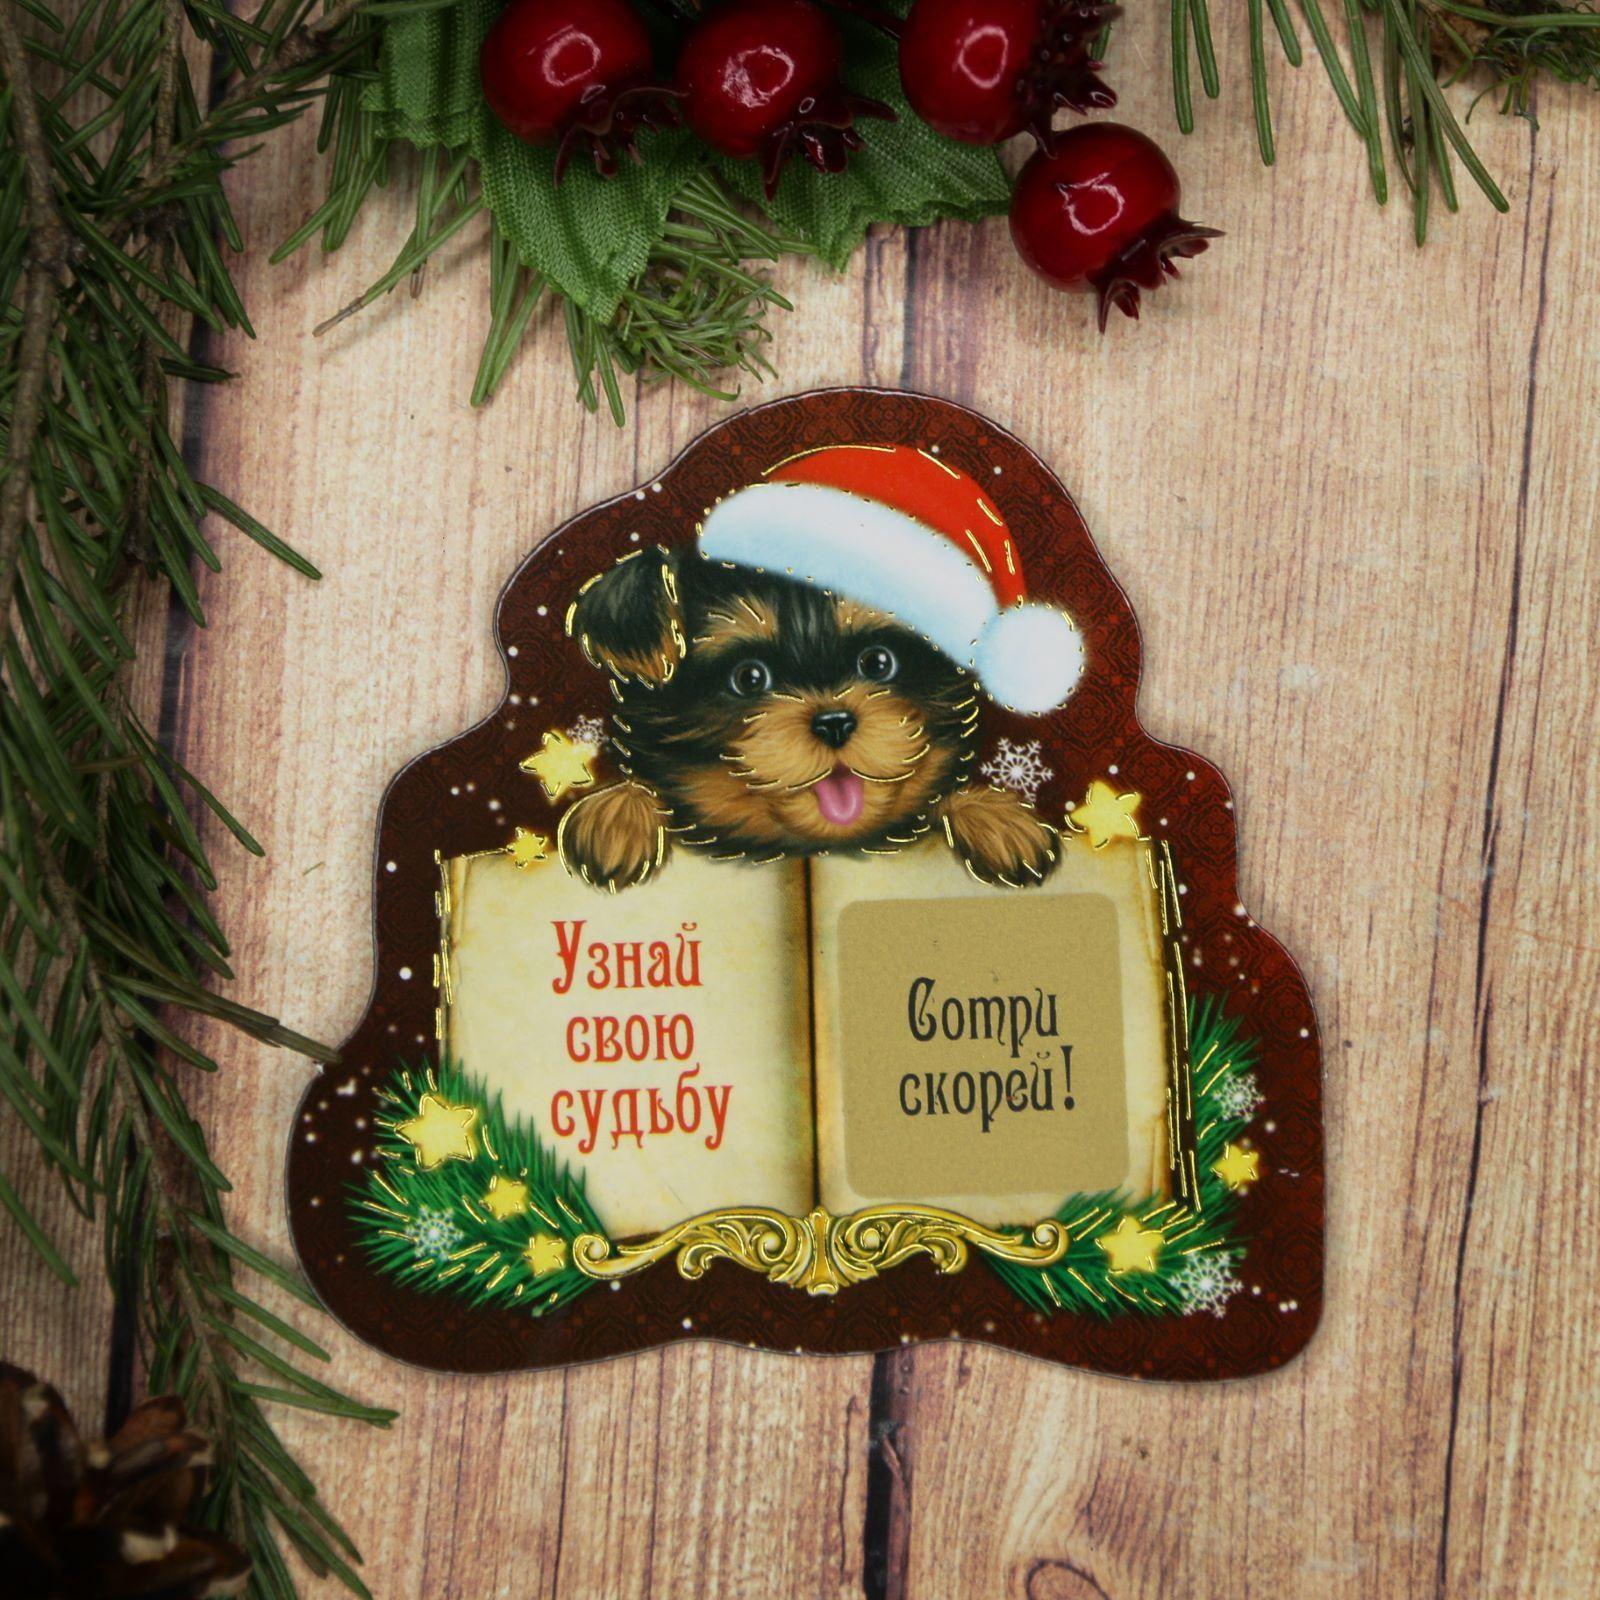 Магнит Sima-land Узнай свою судьбу, со скретч-слоем, 8 х 8 см1989267Порадуйте родных и близких оригинальным сувениром: преподнесите в подарок магнит. С ним даже самый серьёзный человек почувствует себя ребёнком, ожидающим чудо! Создайте праздничное настроение, и оно останется с вами на весь год.